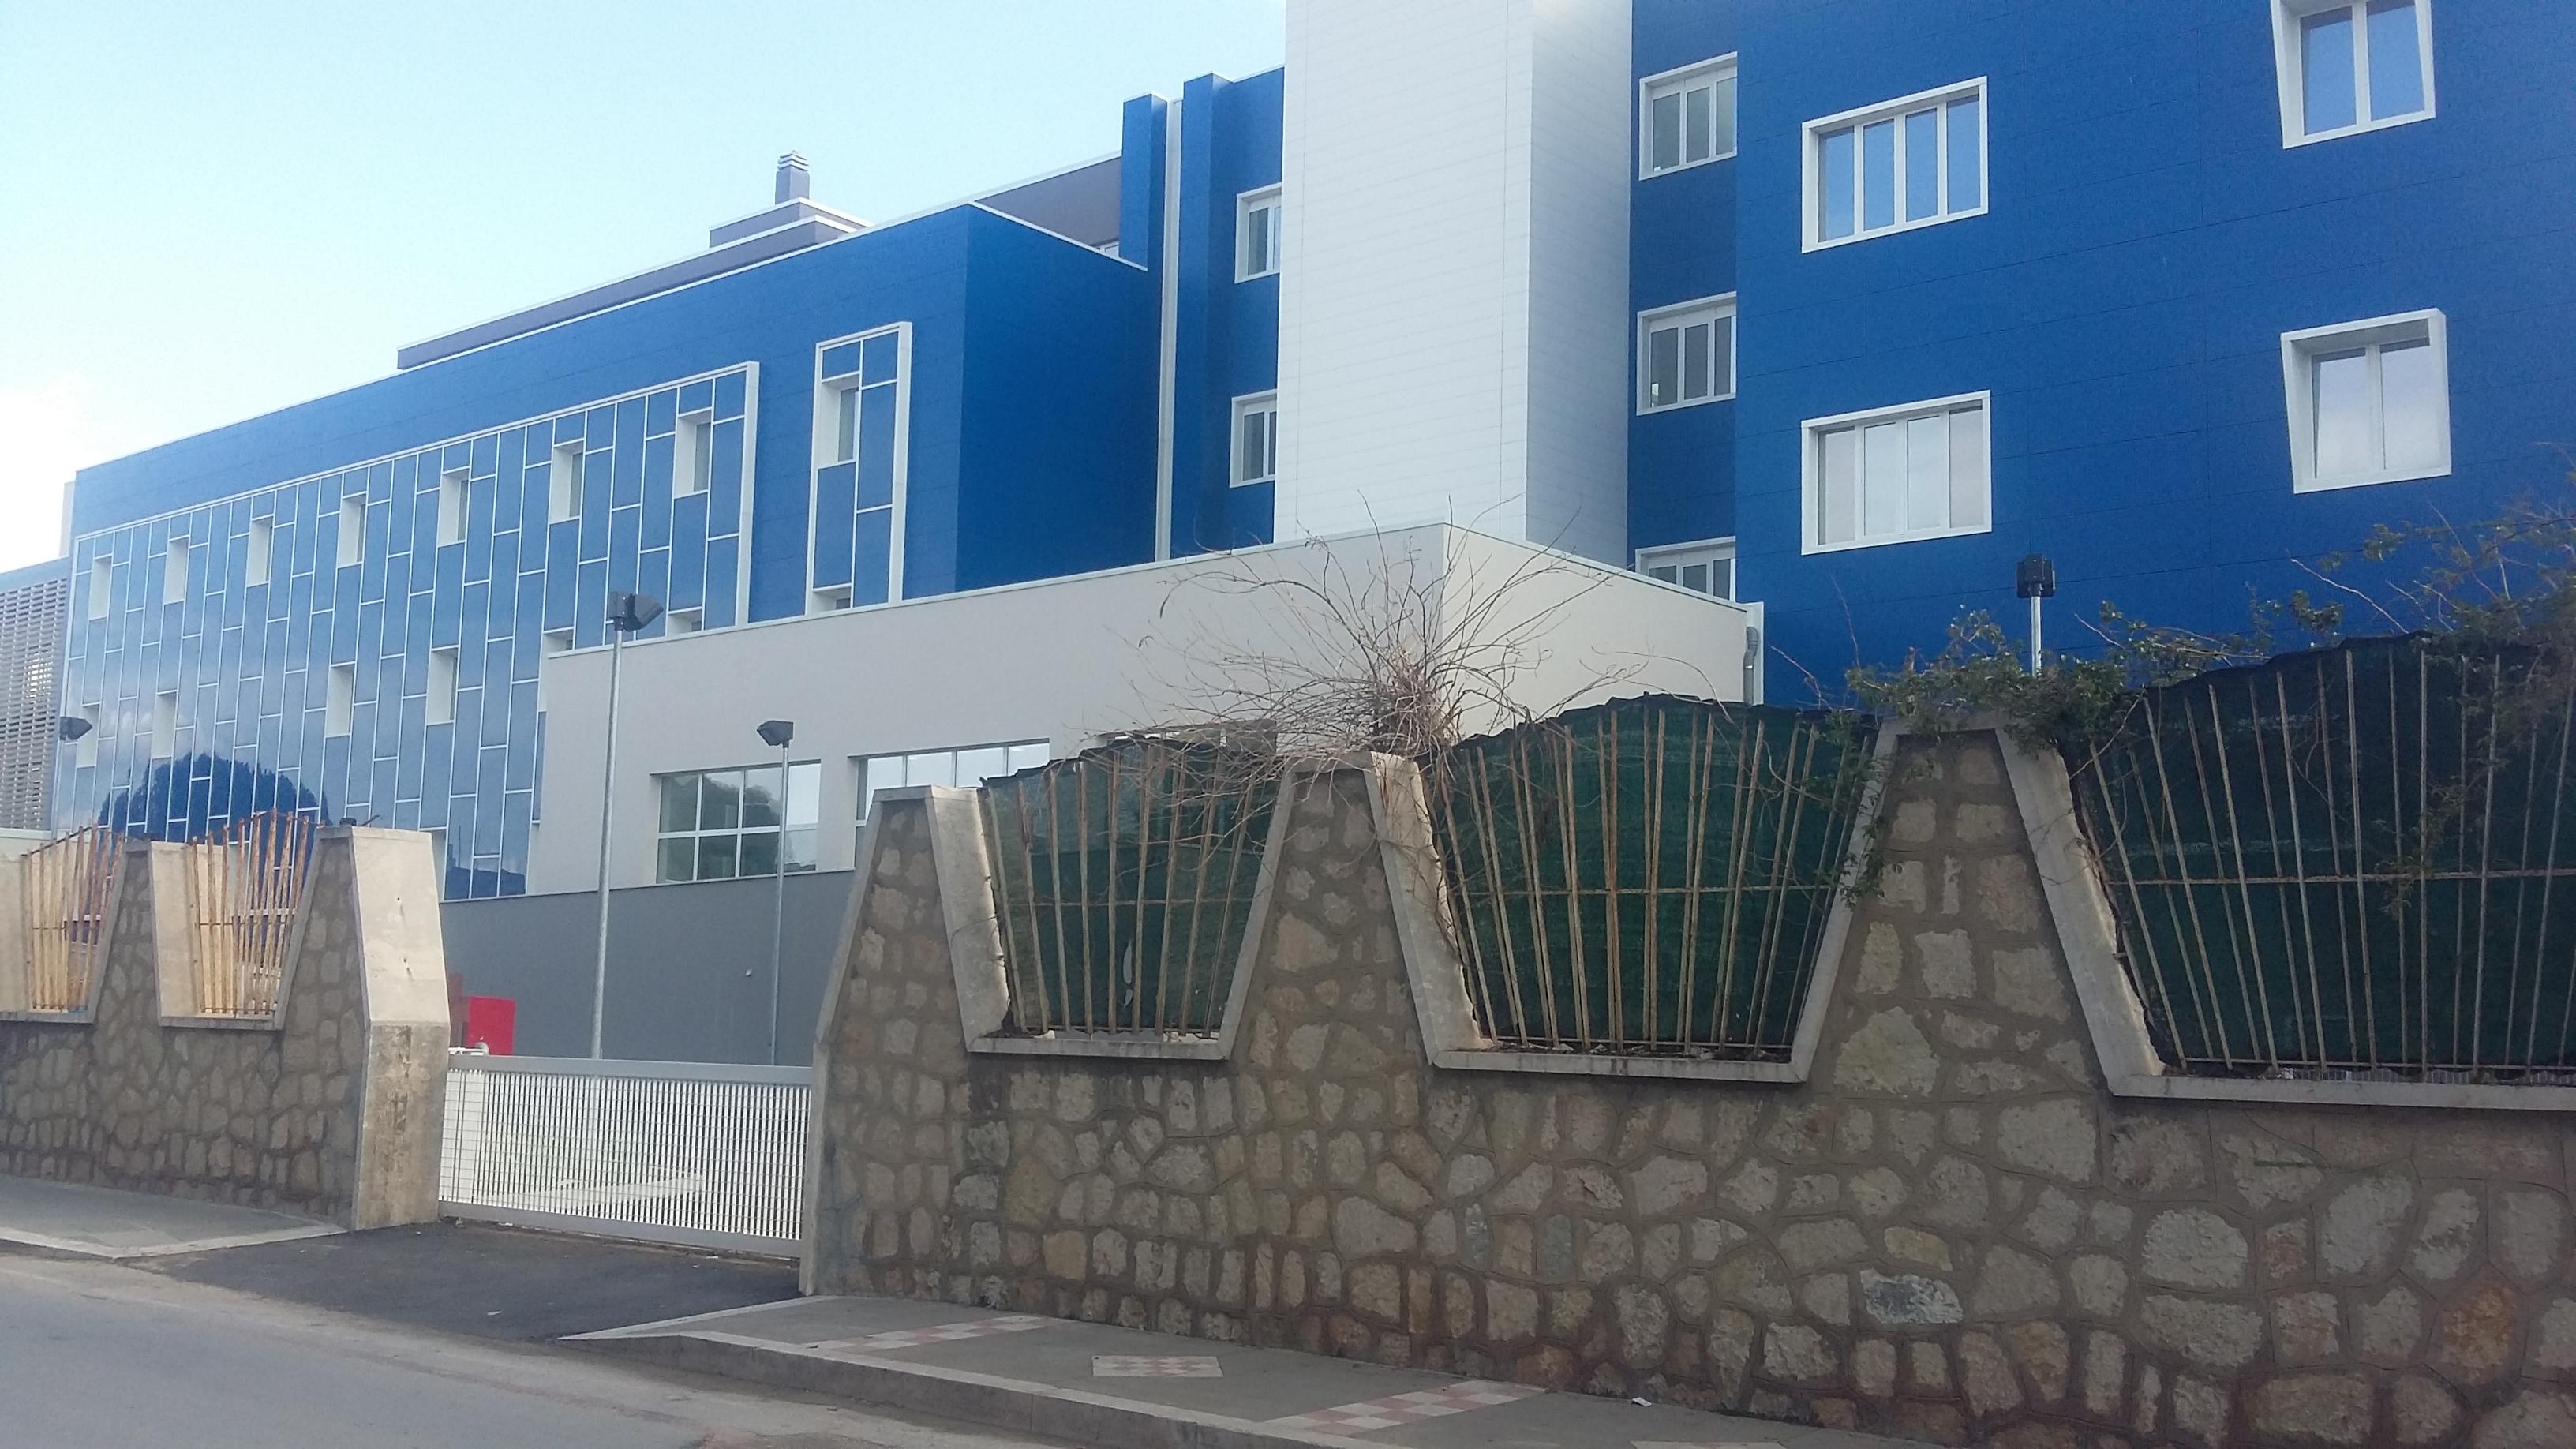 Nuova rete ospedaliera in Sicilia, Razza ha firmato il decreto: tagliati reparti e 85 primari, ecco cosa cambia